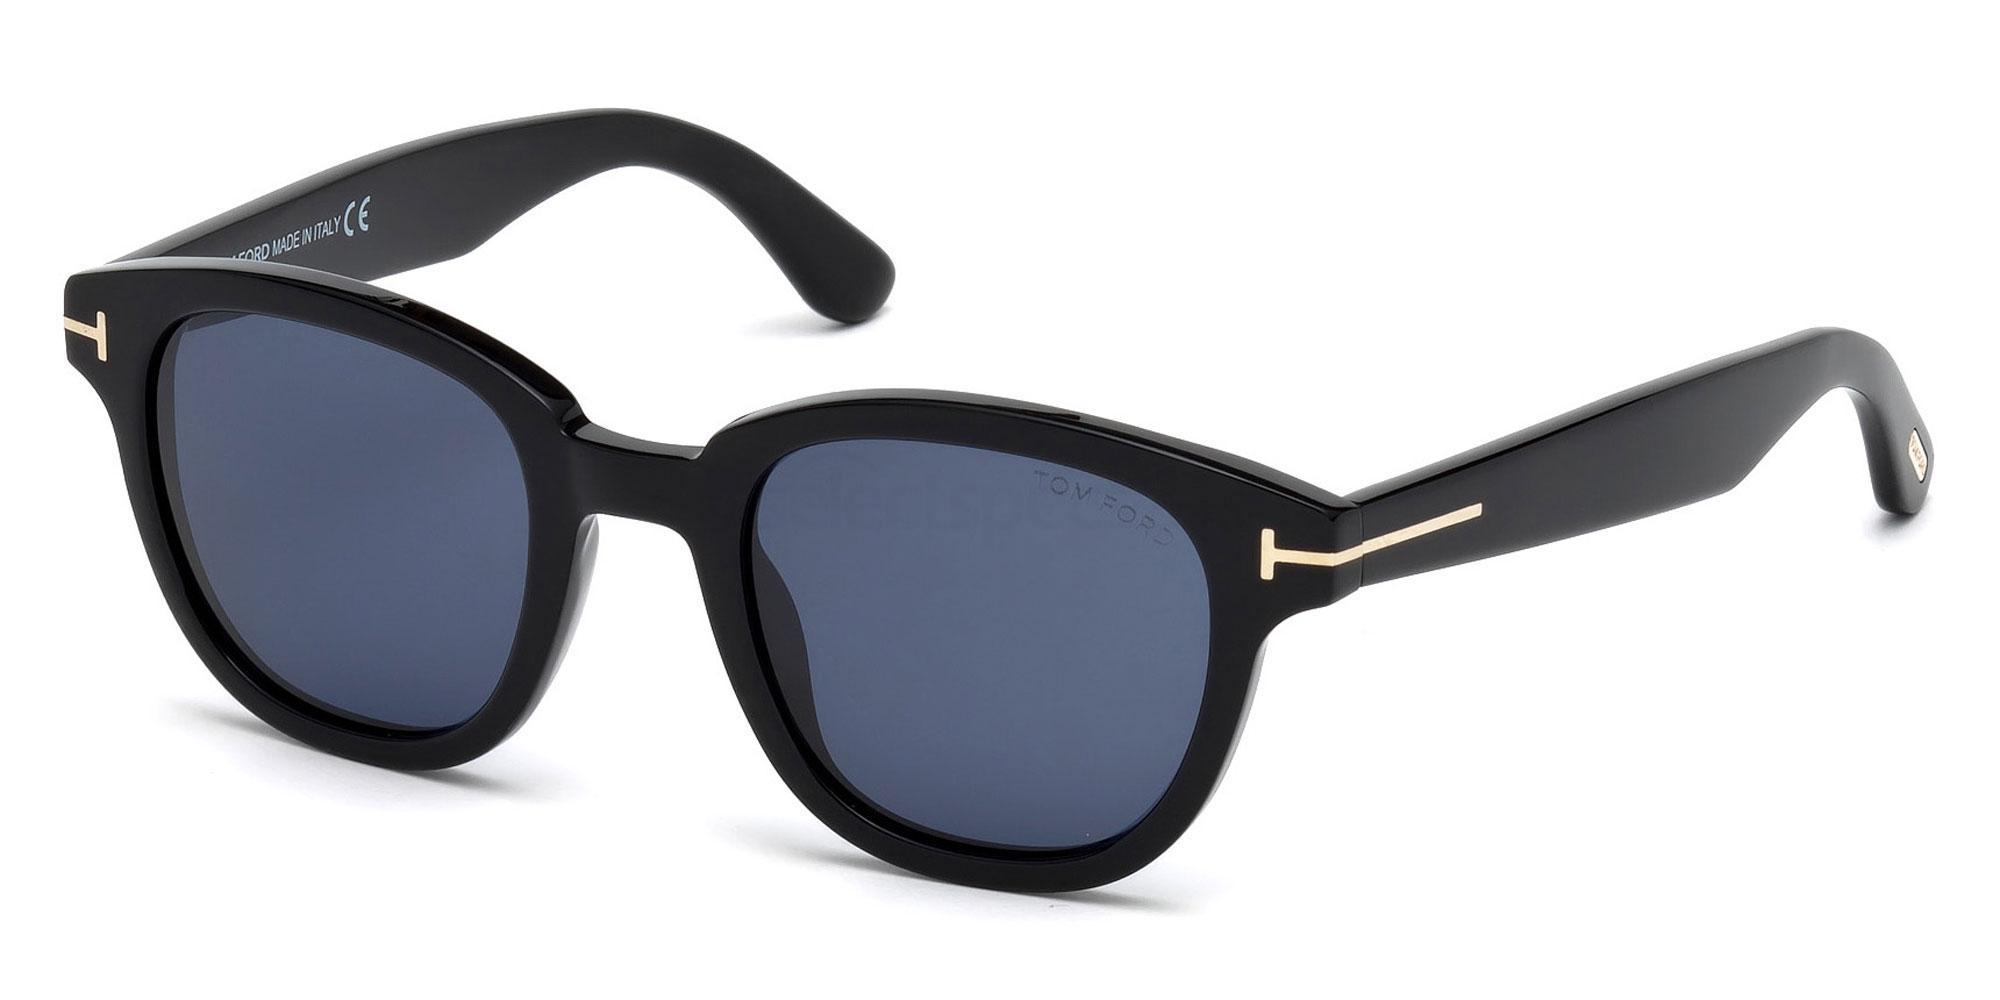 01V FT0538 Sunglasses, Tom Ford